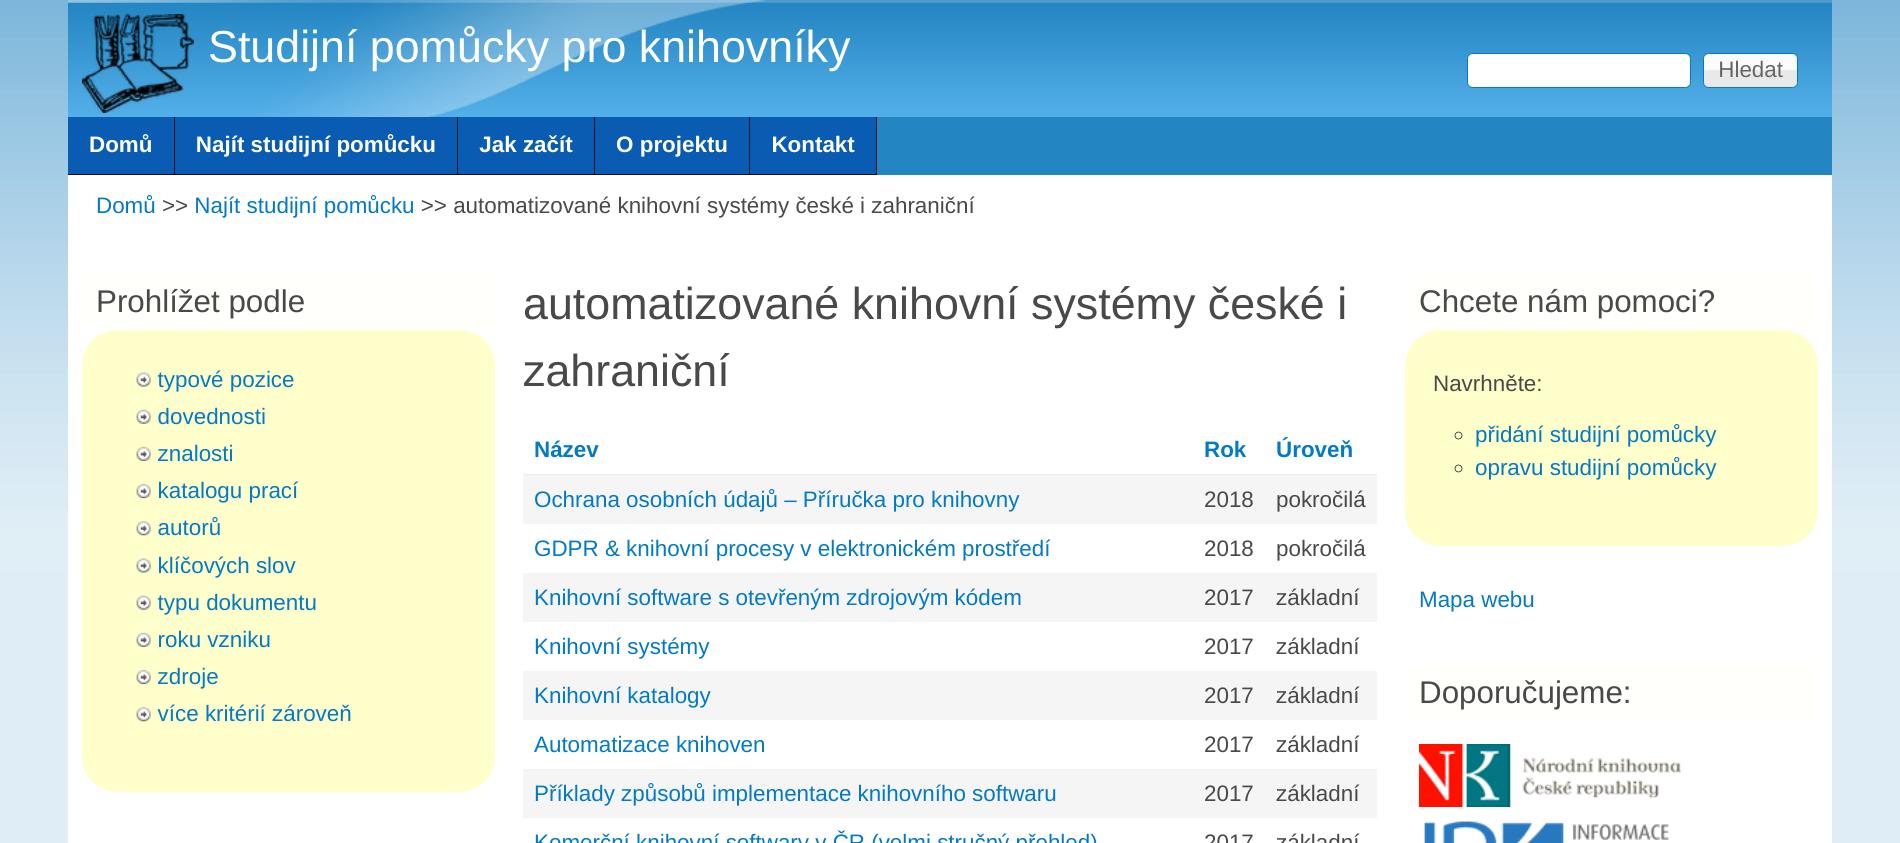 Obr. 3: Web Studijní pomůcky pro knihovníky (zdroj: https://studujte.nkp.cz, získáno 2018-09-05)